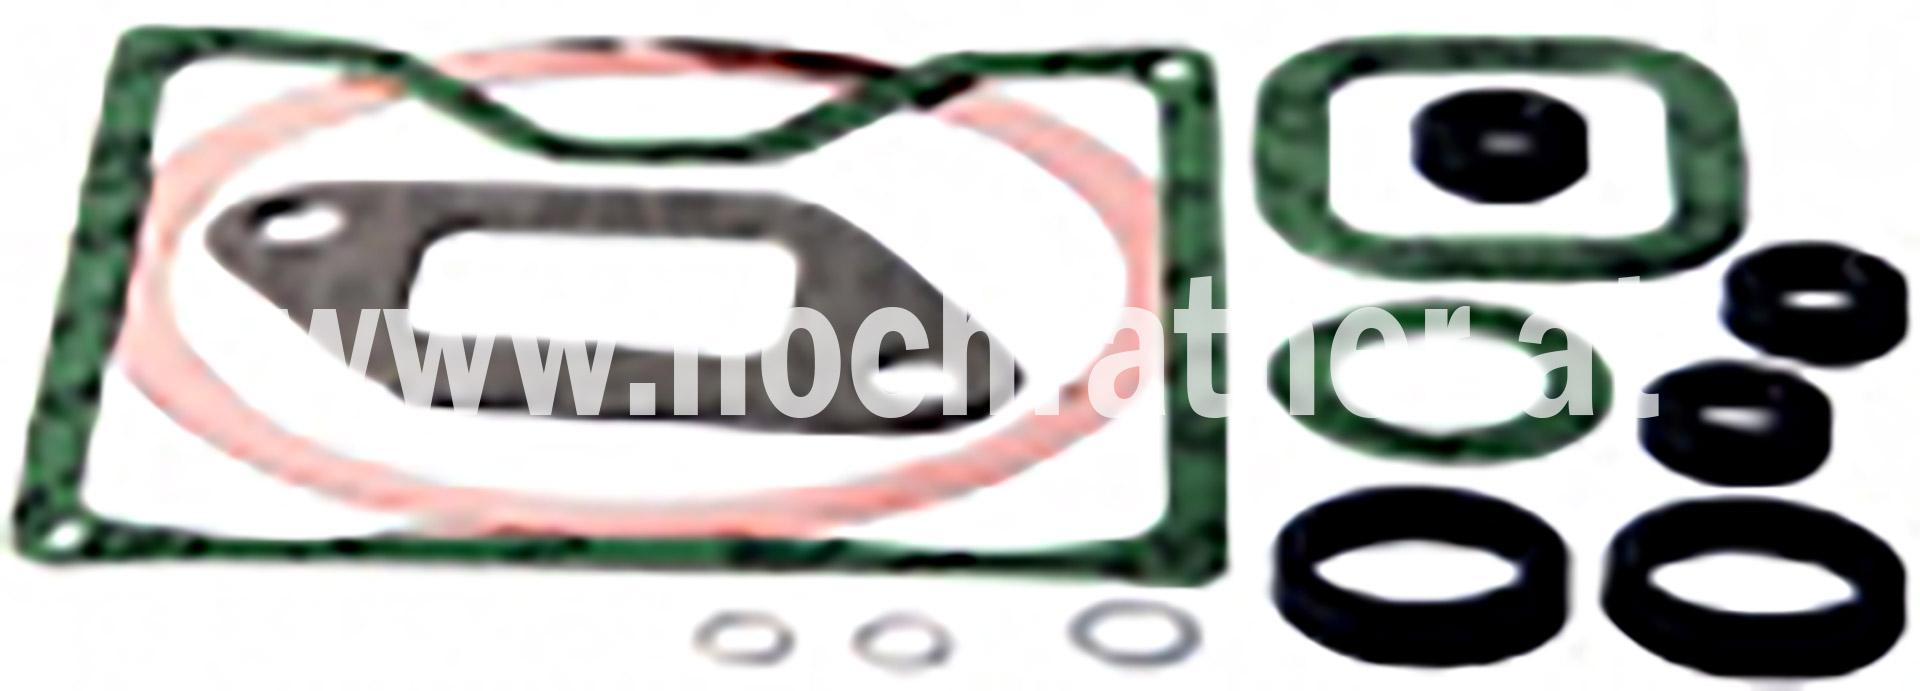 Entrussersatz Steyr T80 1,2Mm (503019806) Umlauf